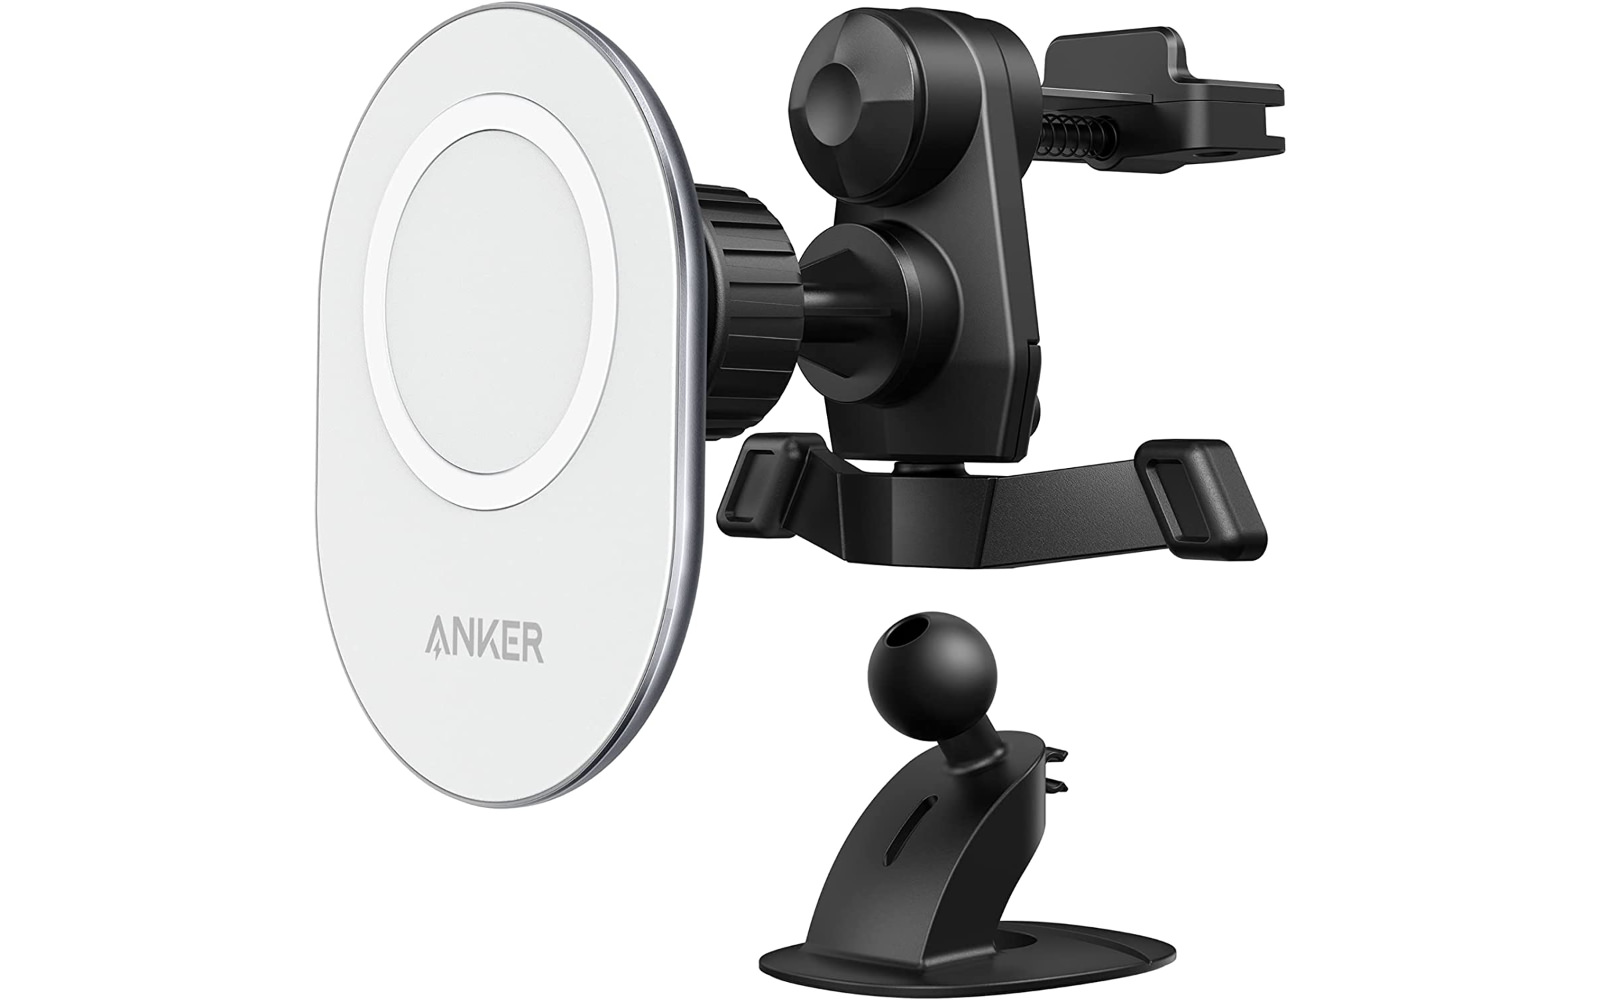 Anker-Magnetic-Car-mount.jpg